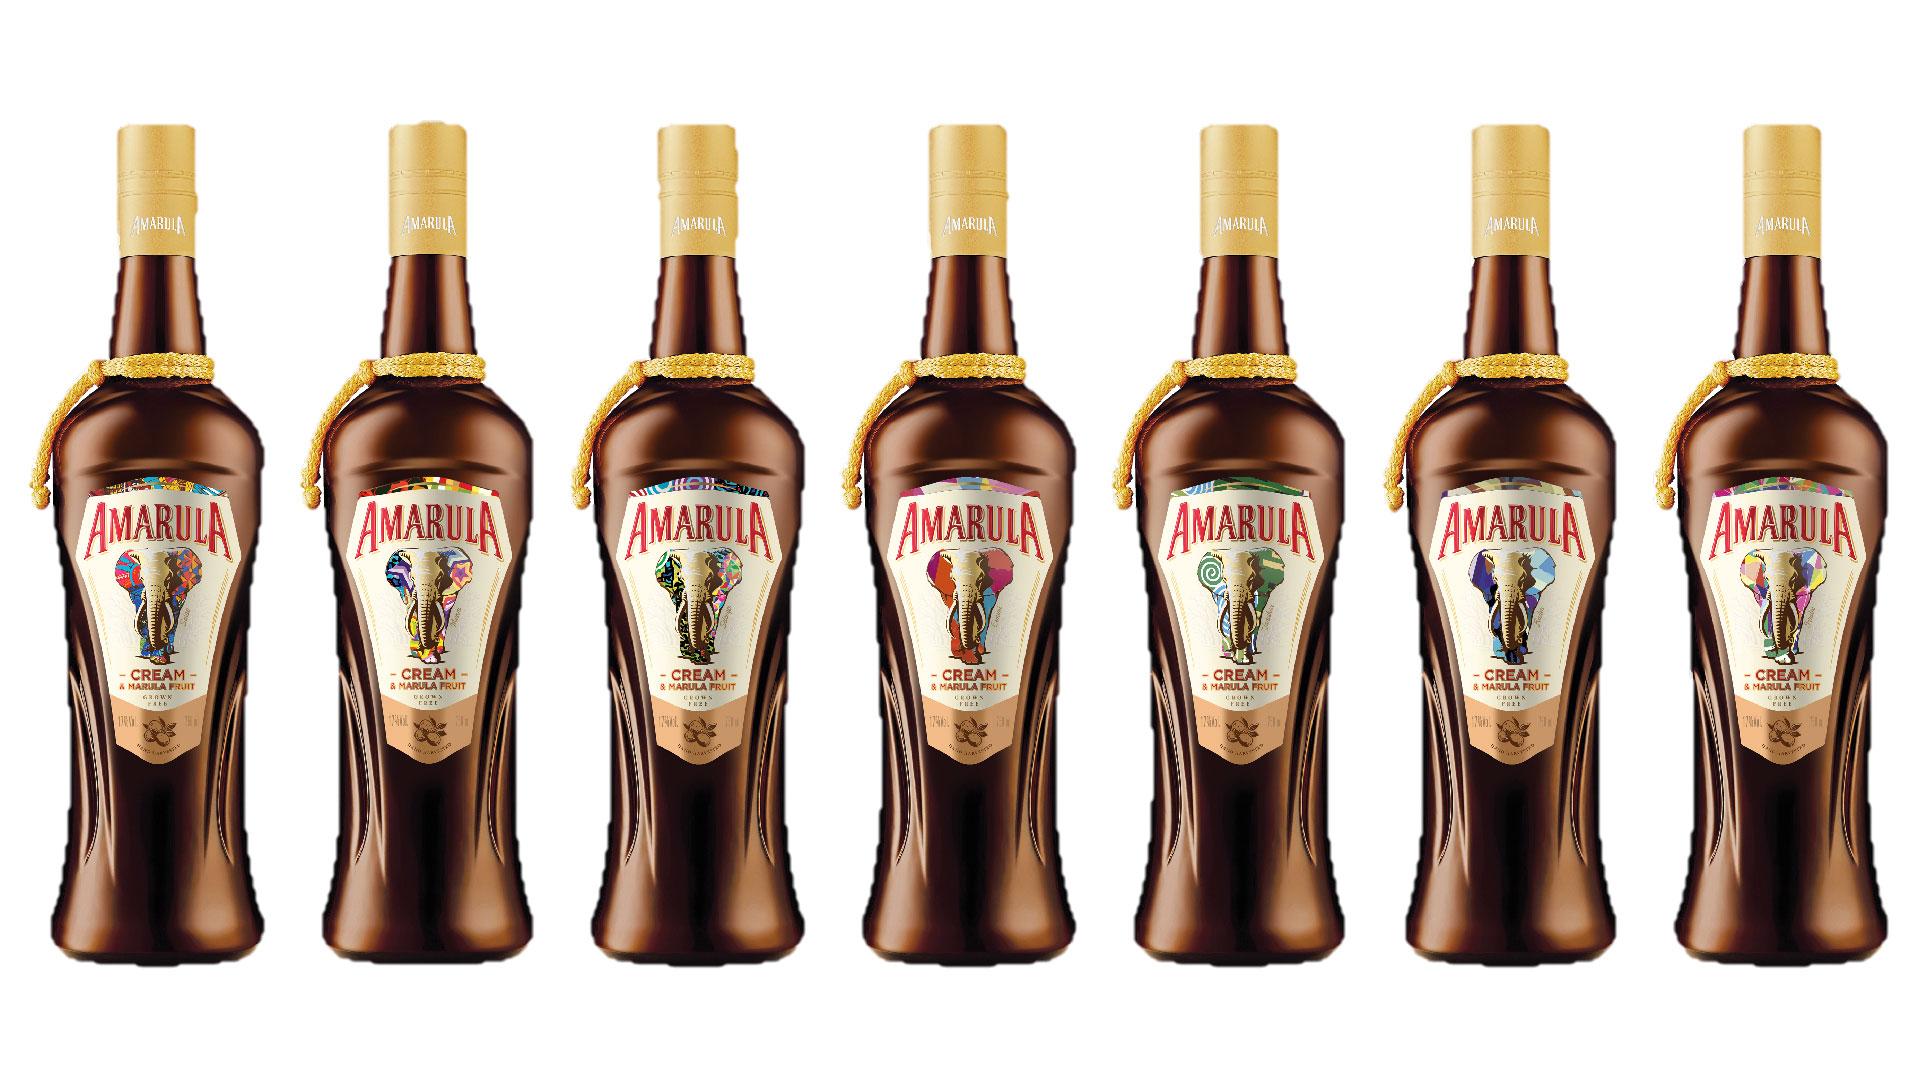 amarula-bottles